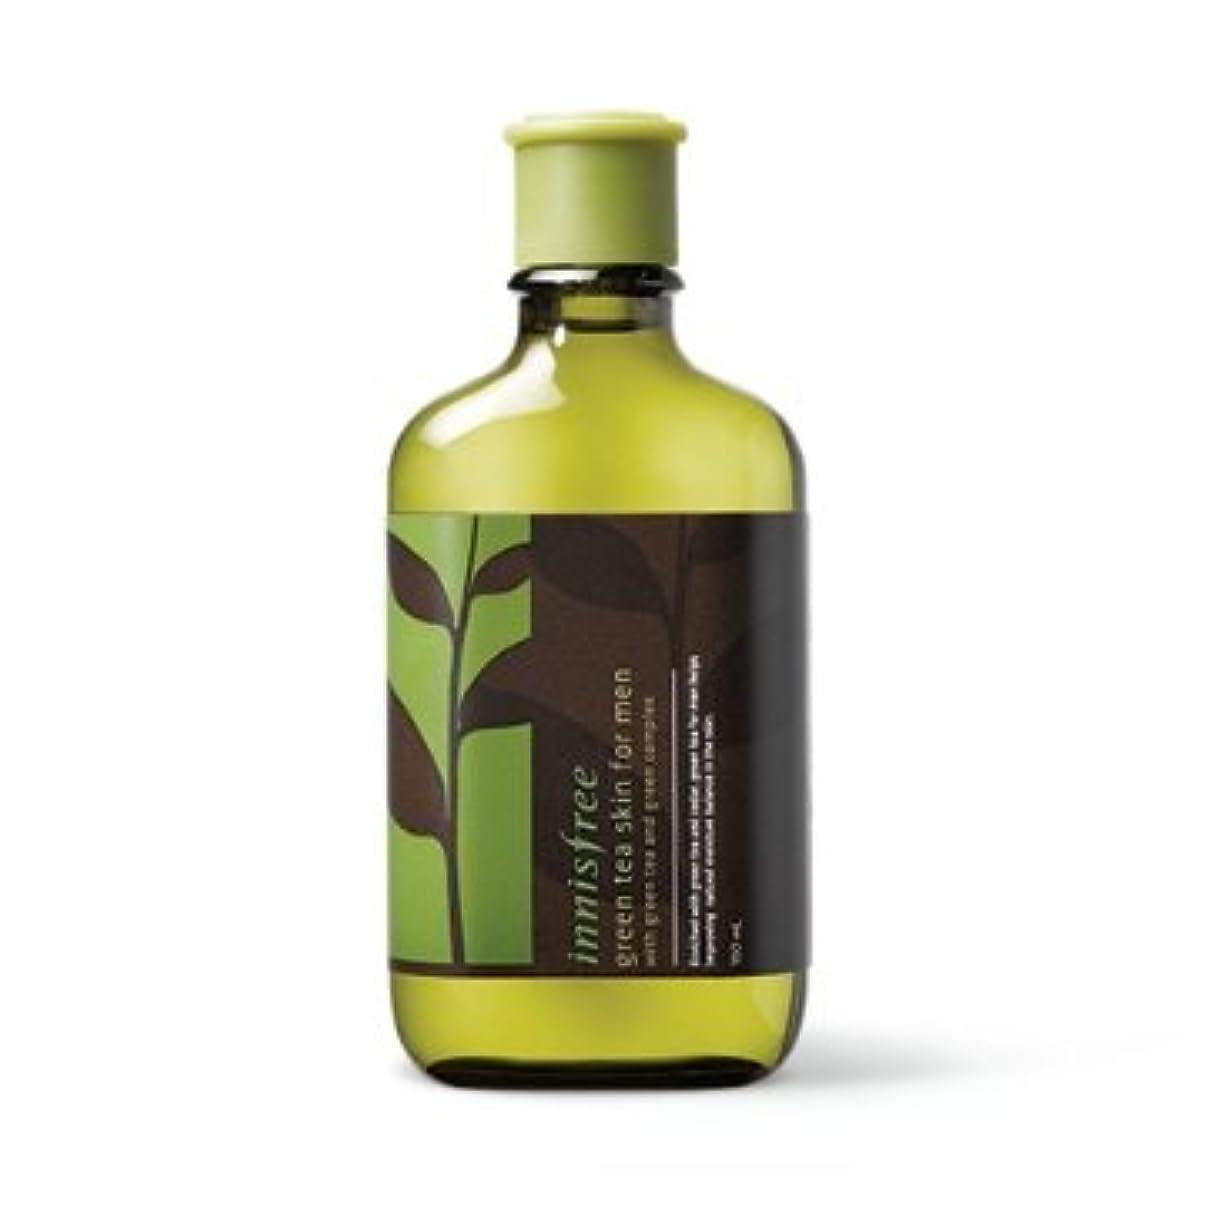 囲まれた箱花弁【イニスフリー】Innisfree green tea skin for men - 150ml (韓国直送品) (SHOPPINGINSTAGRAM)